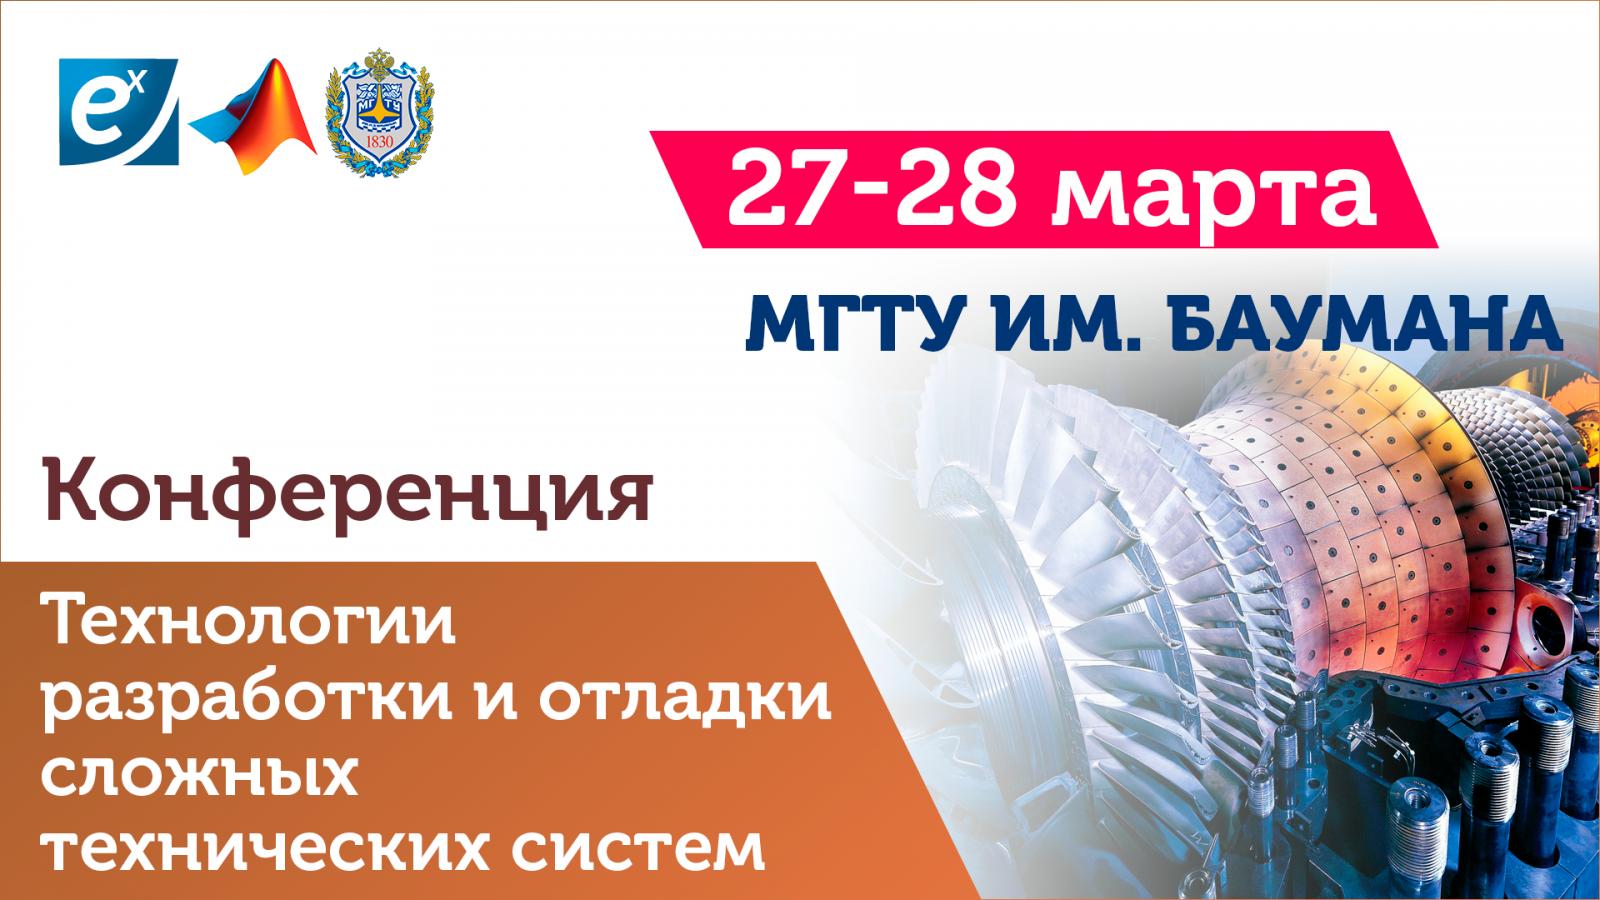 Конференция «Технологии разработки и отладки сложных технических систем»